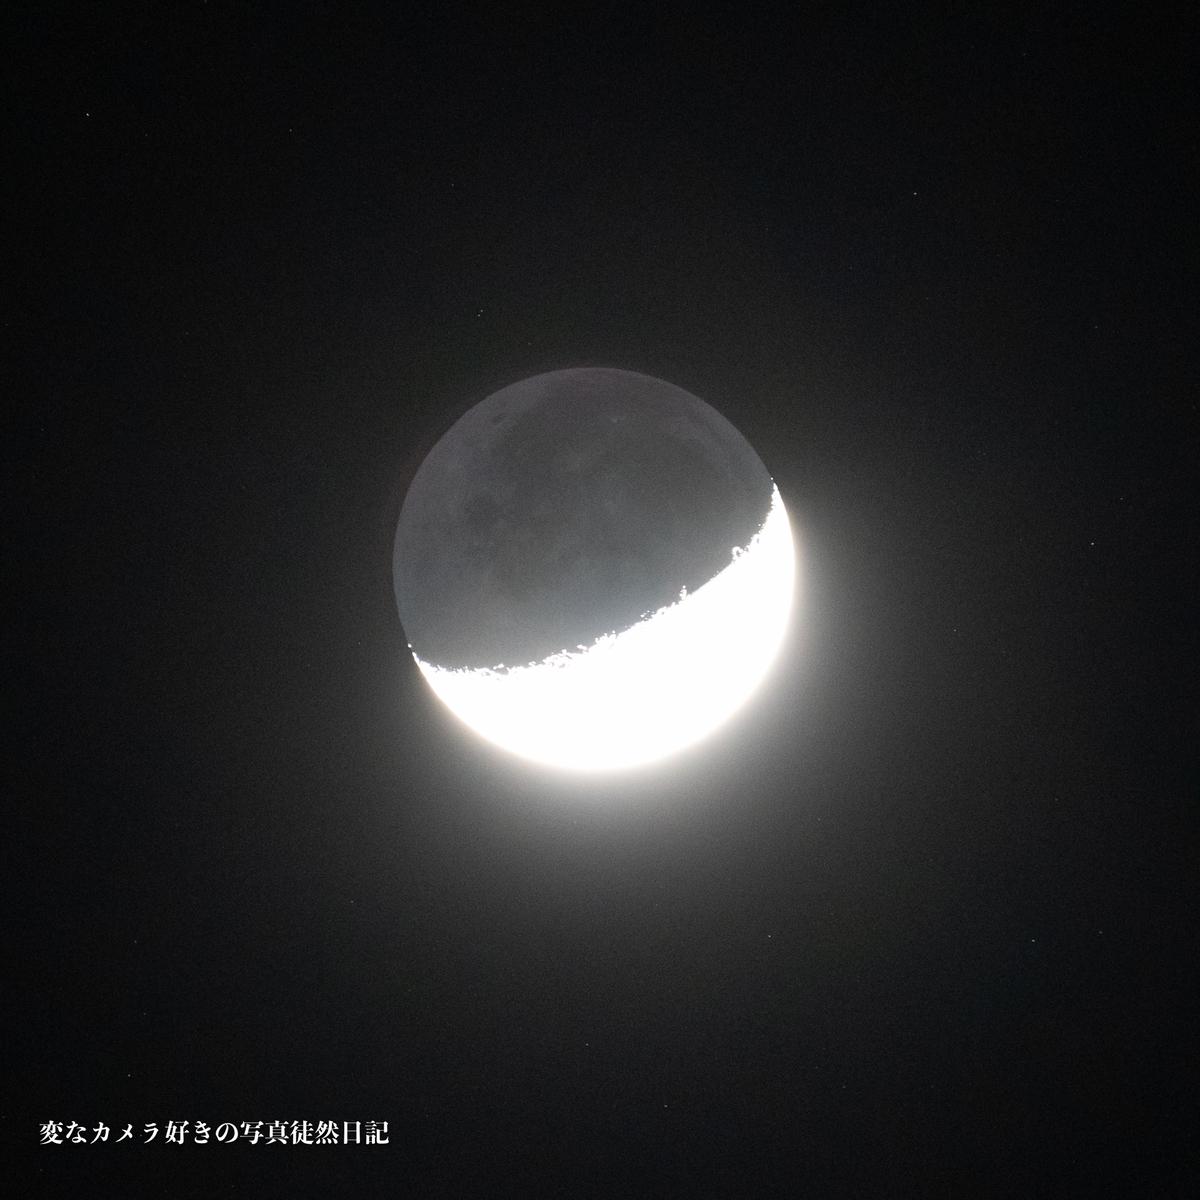 f:id:yuseiphotos:20210429004002j:plain